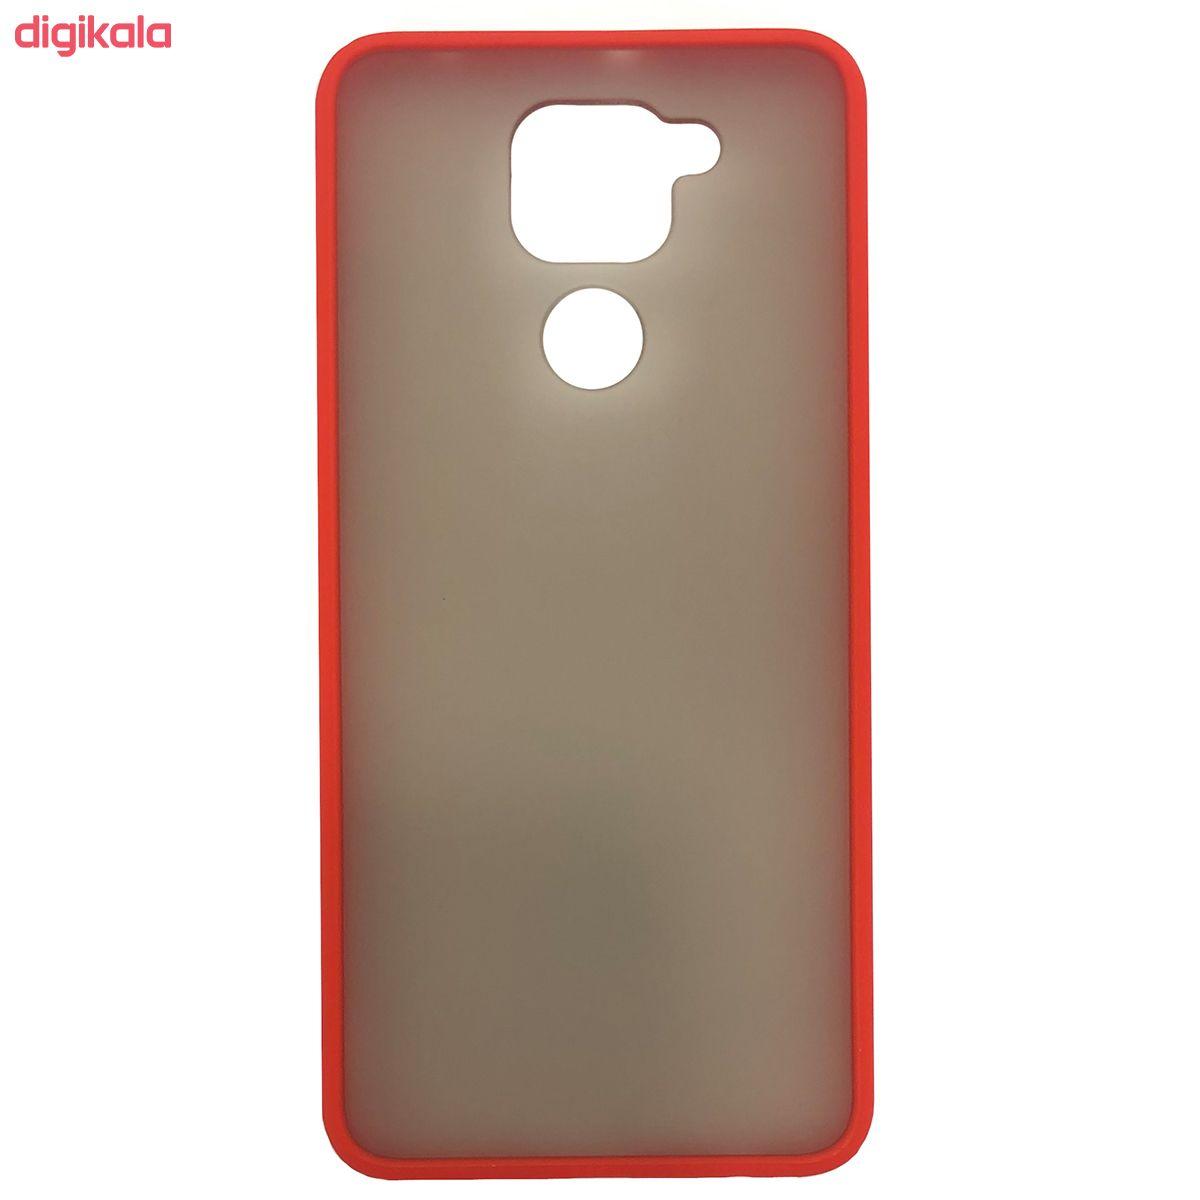 کاور مدل CS-001 مناسب برای گوشی موبایل شیائومی Redmi Note 9 main 1 1